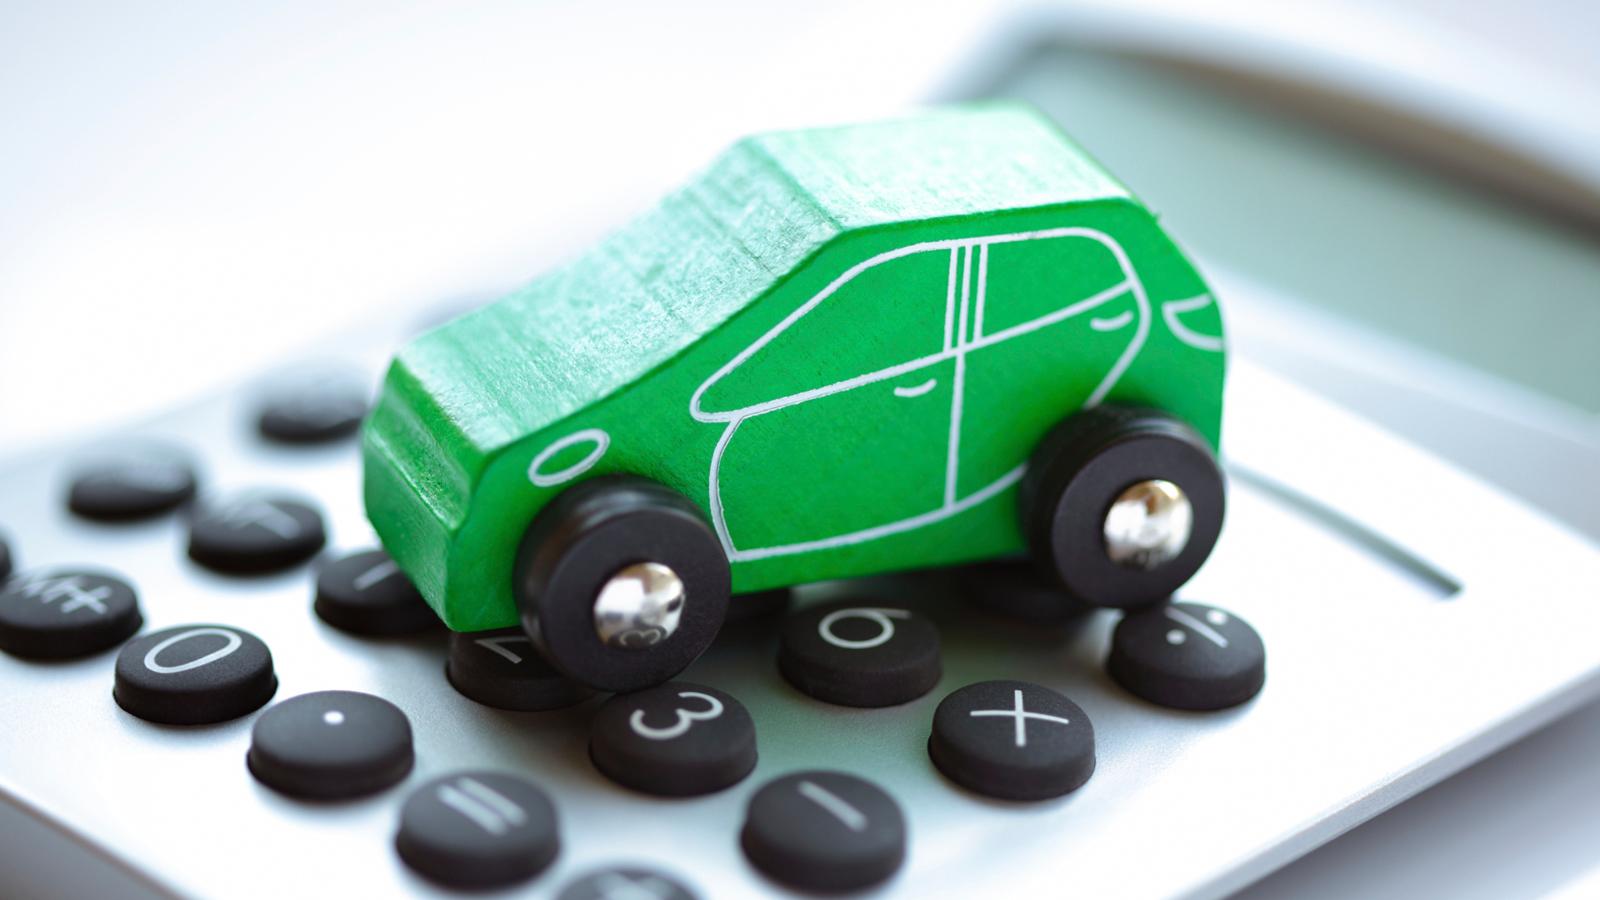 Центробанк обнародовал проект изменения цены наавтостраховку— Новые тарифы ОСАГО